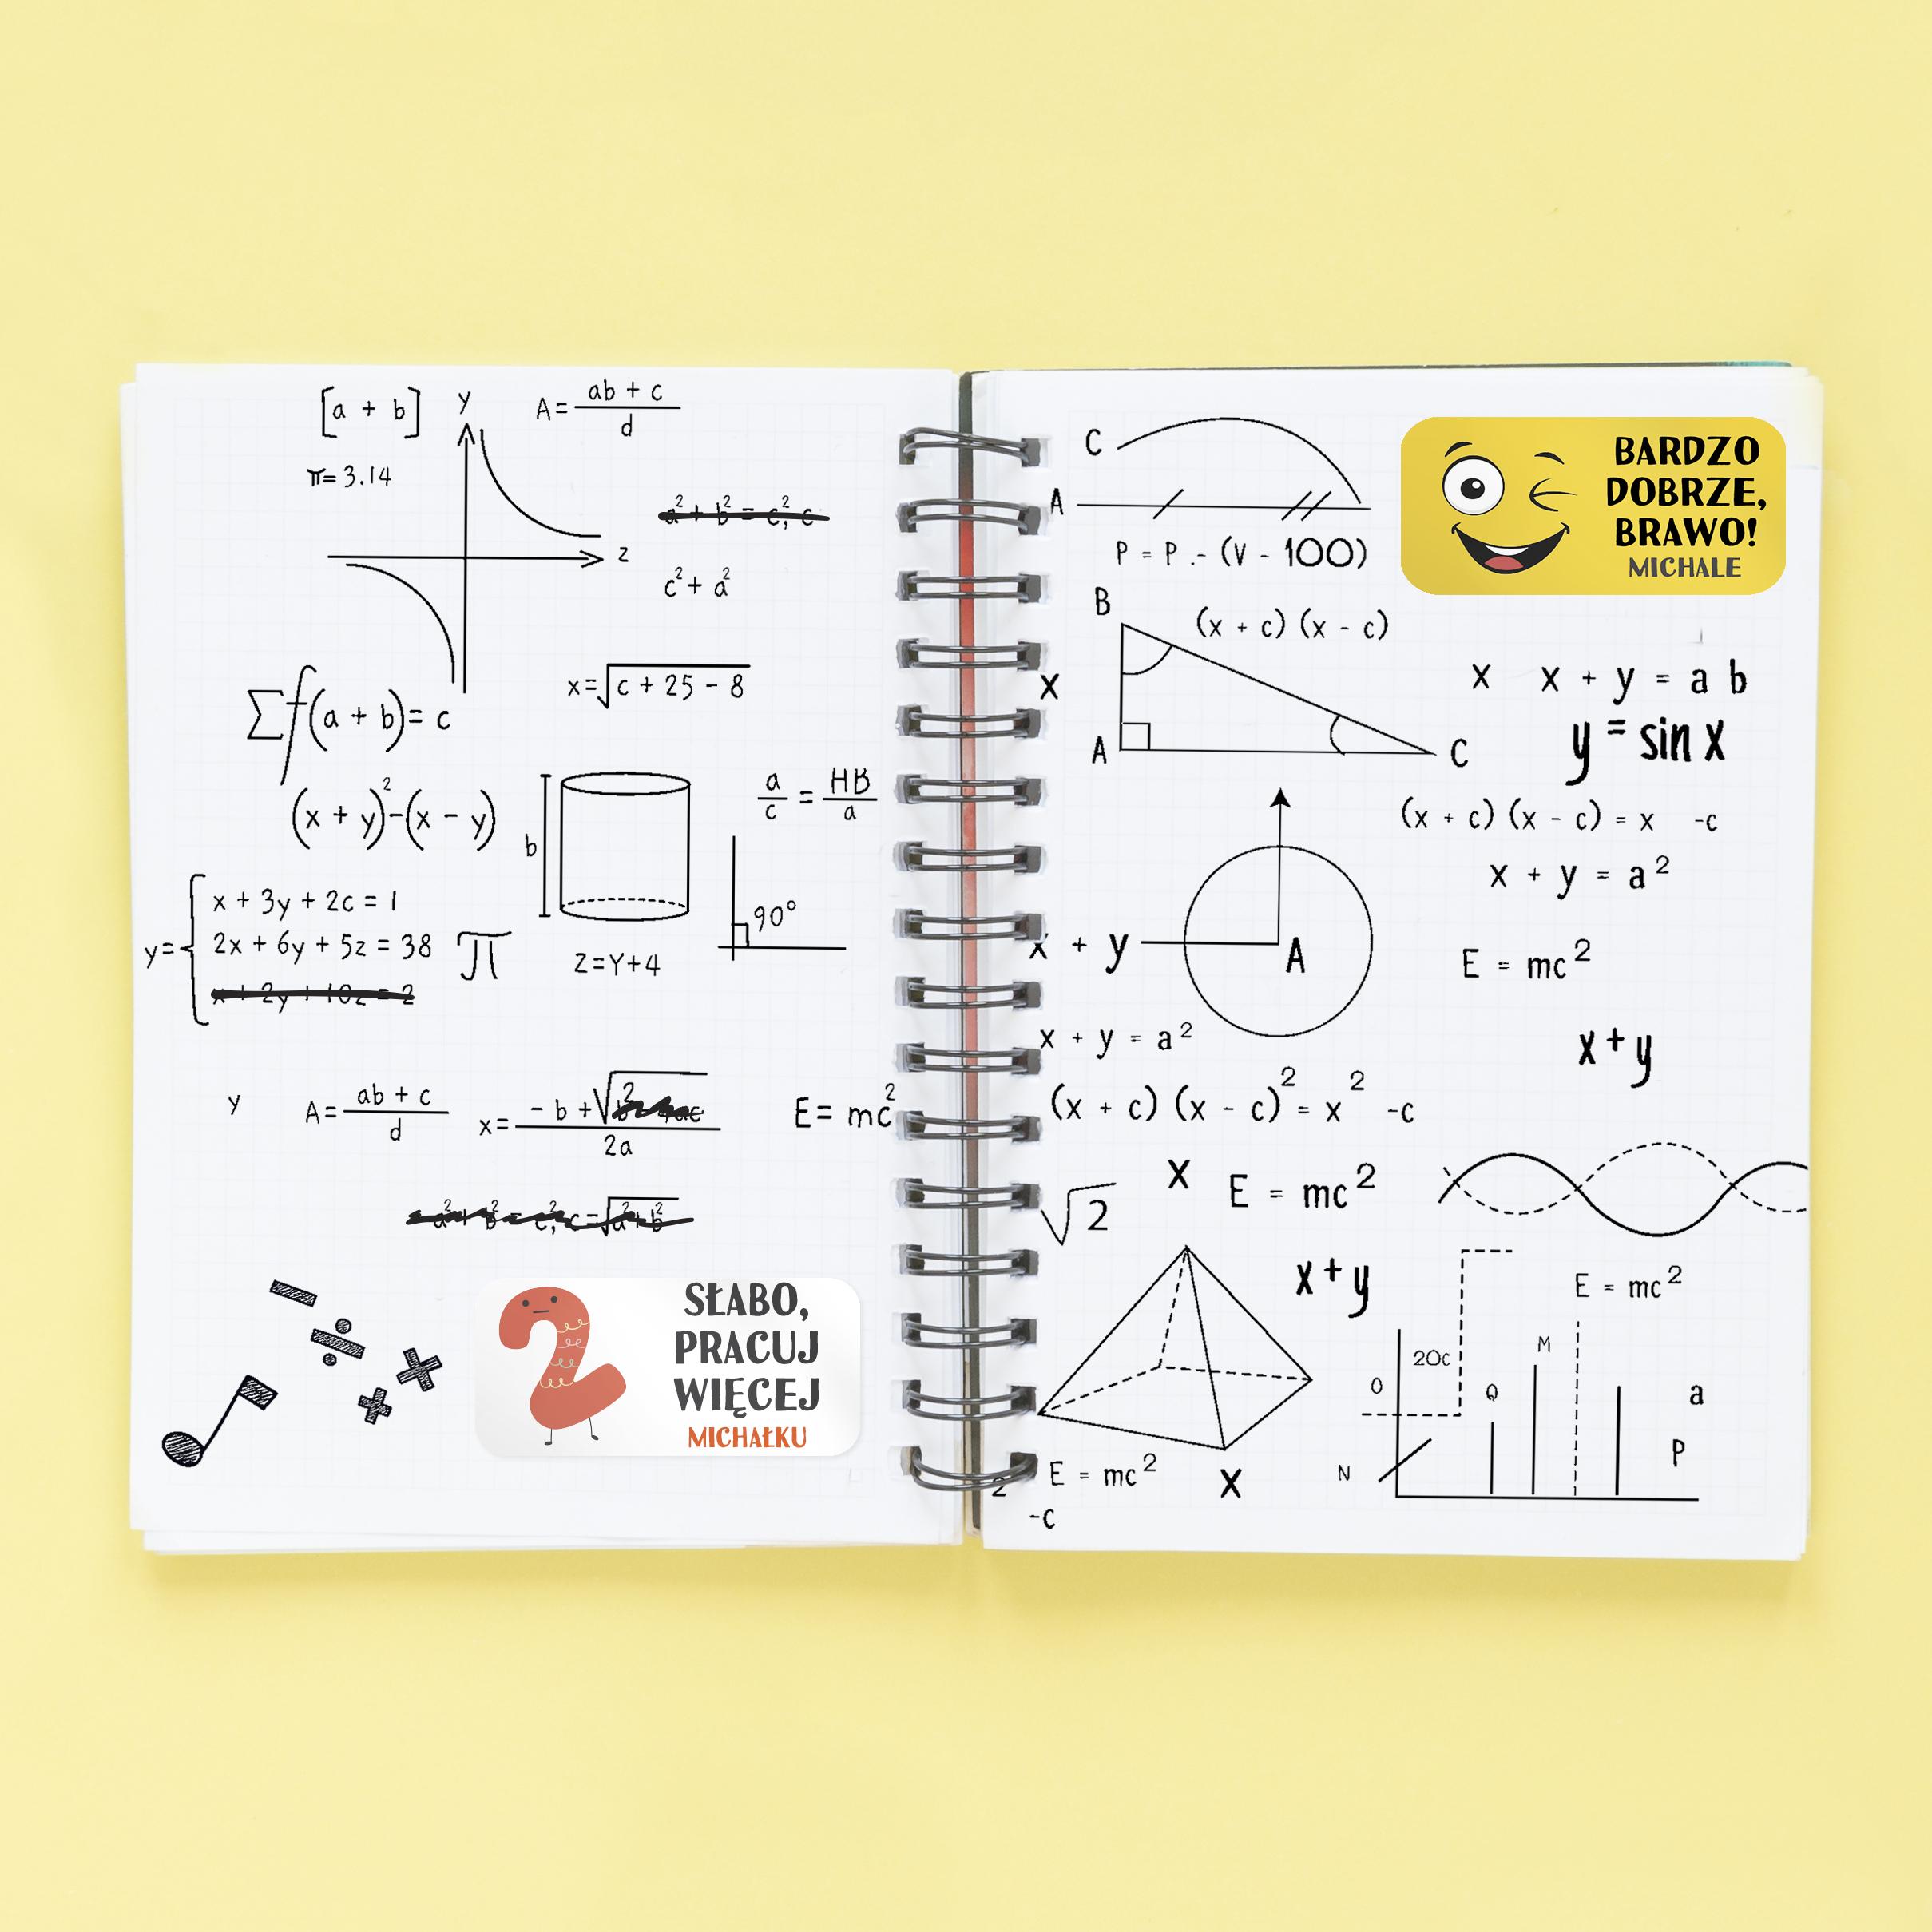 Naklejki motywacyjne dla dzieci z imieniem prostokątne oceny czwórka dobrze brawo